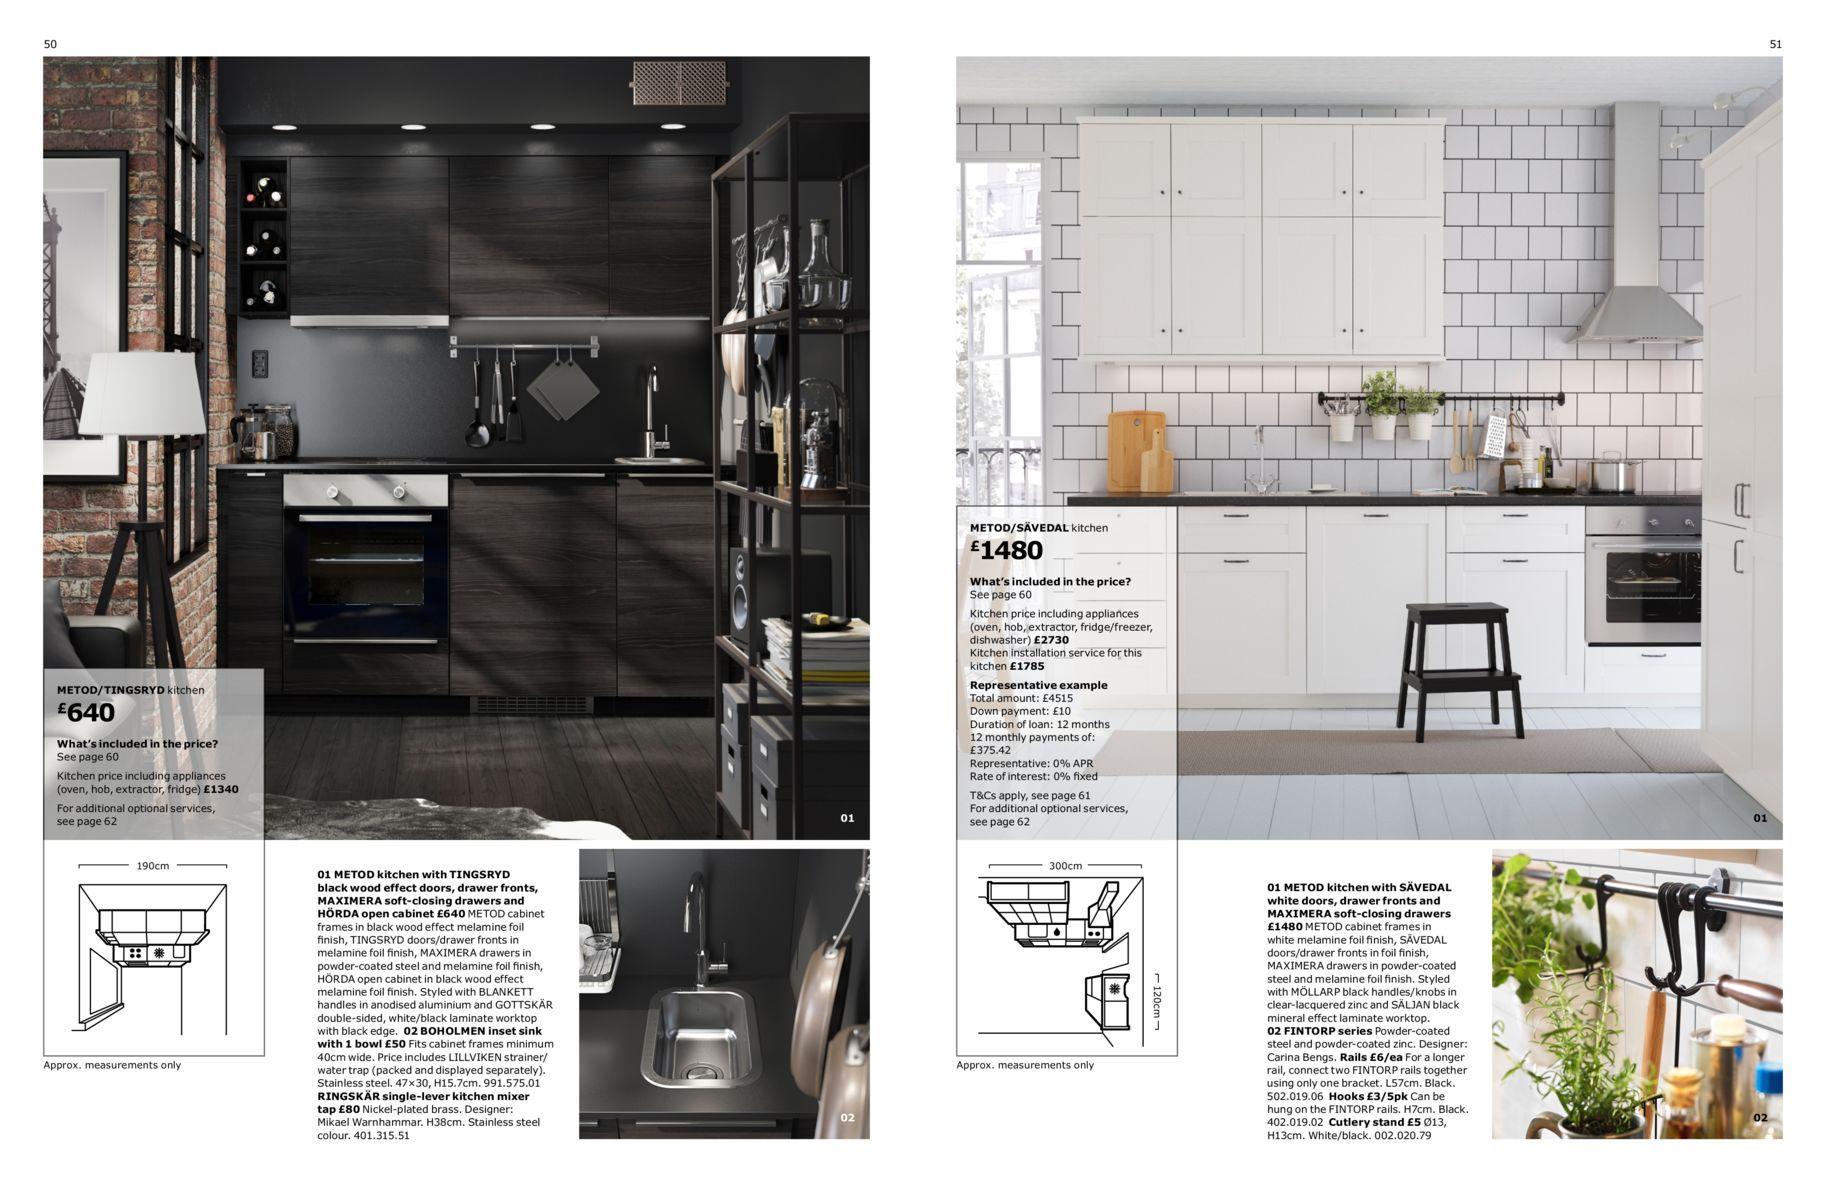 Vistoso 50 S 60 S Cocinas Festooning - Ideas de Decoración de Cocina ...